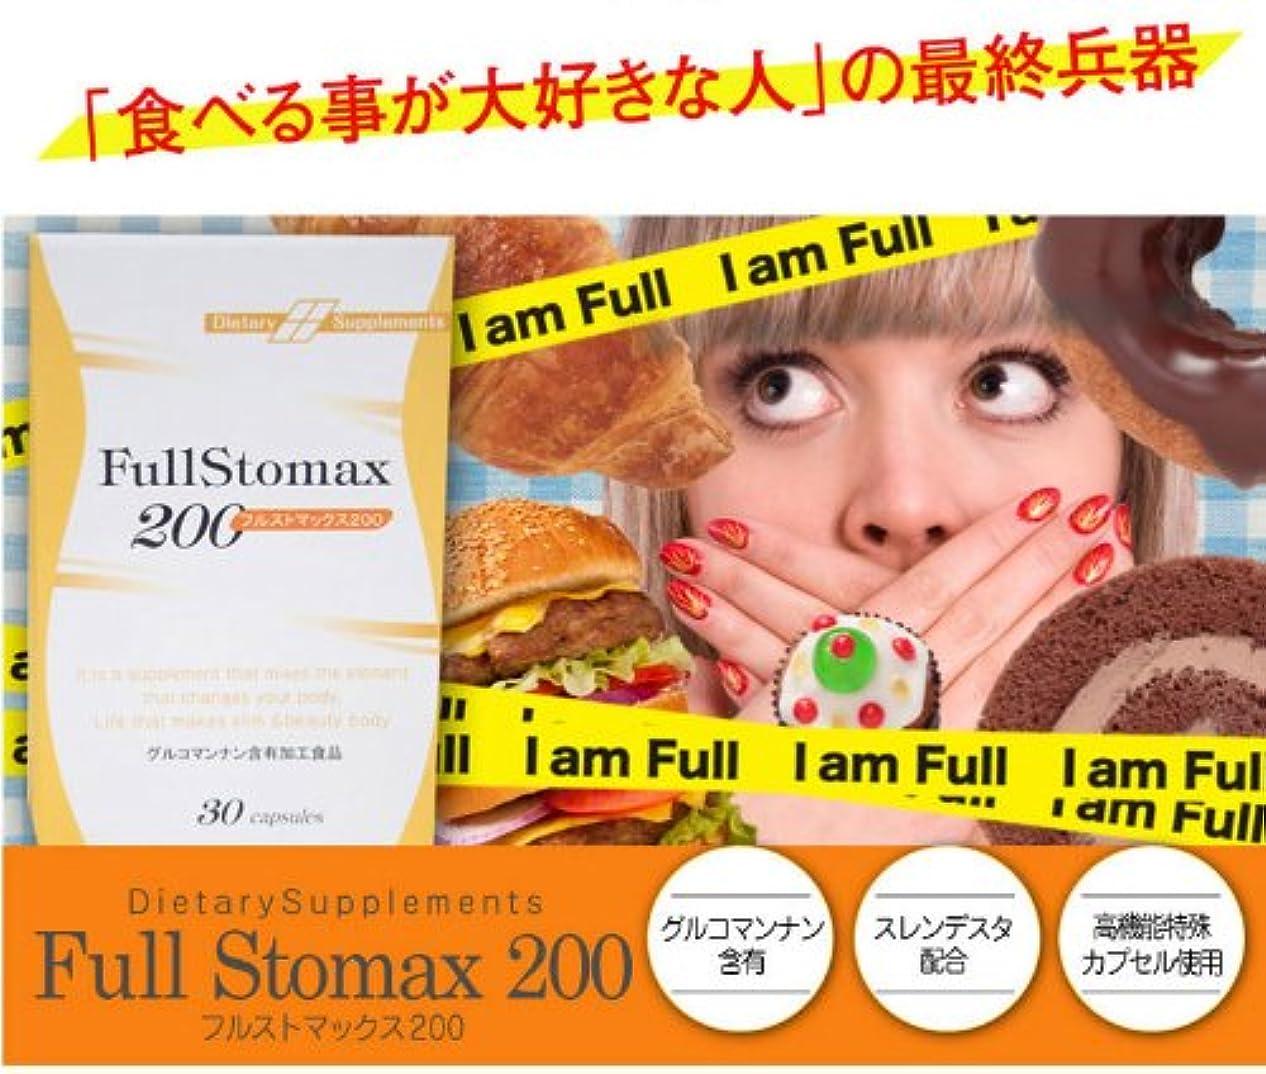 つぶすエキス広範囲にフルストマックス200 (グルコマンナン配合ダイエットサプリ)